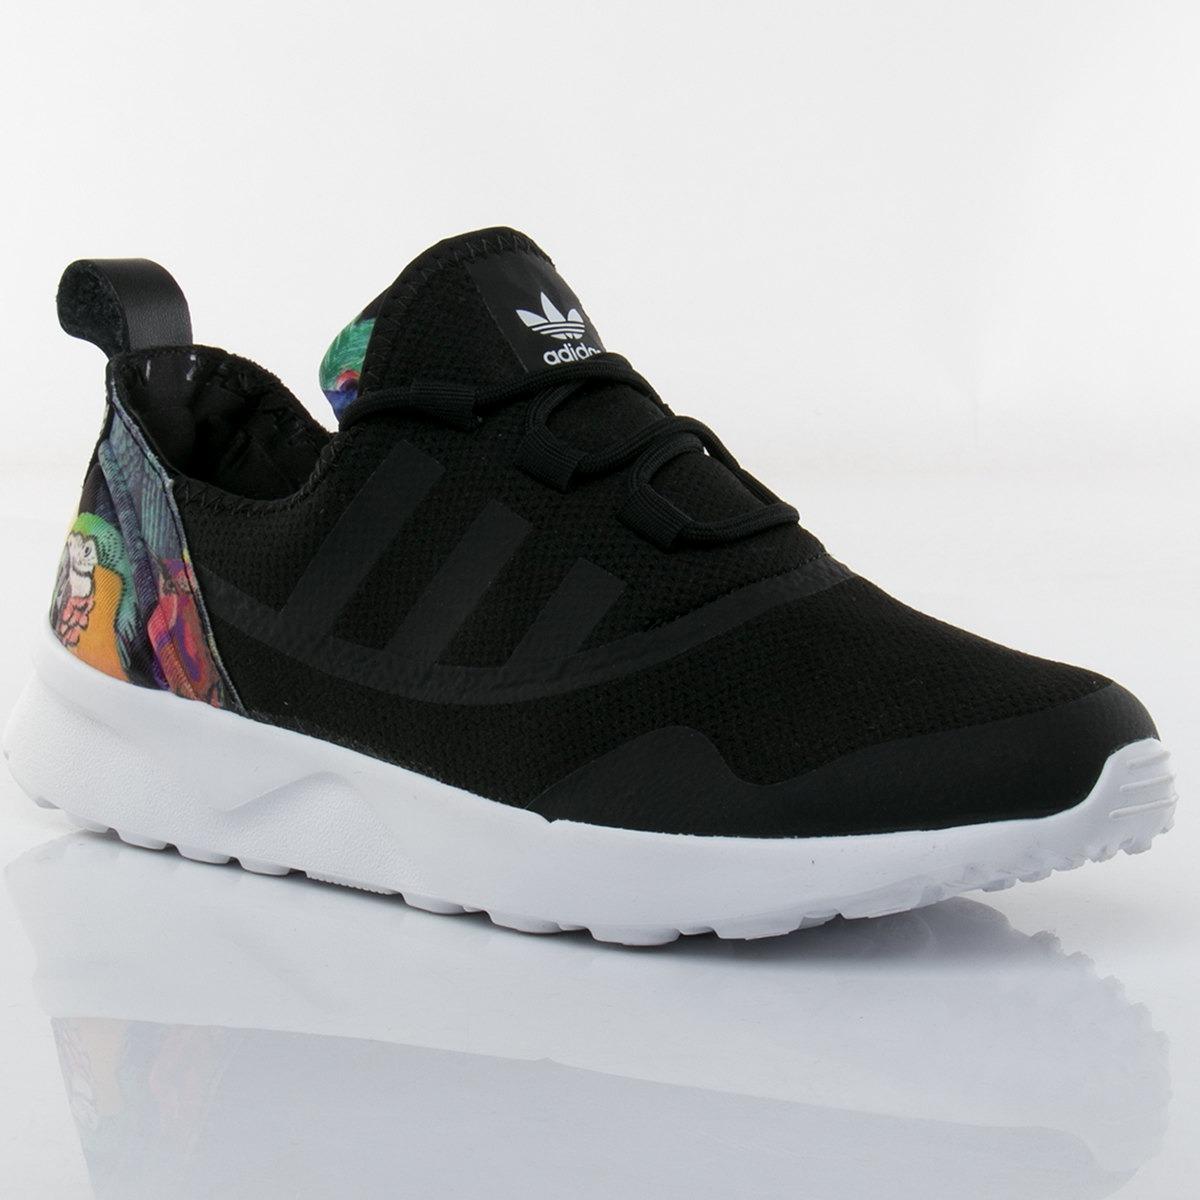 zapatos adidas precio, adidas zapatillas zx flux adv virtue